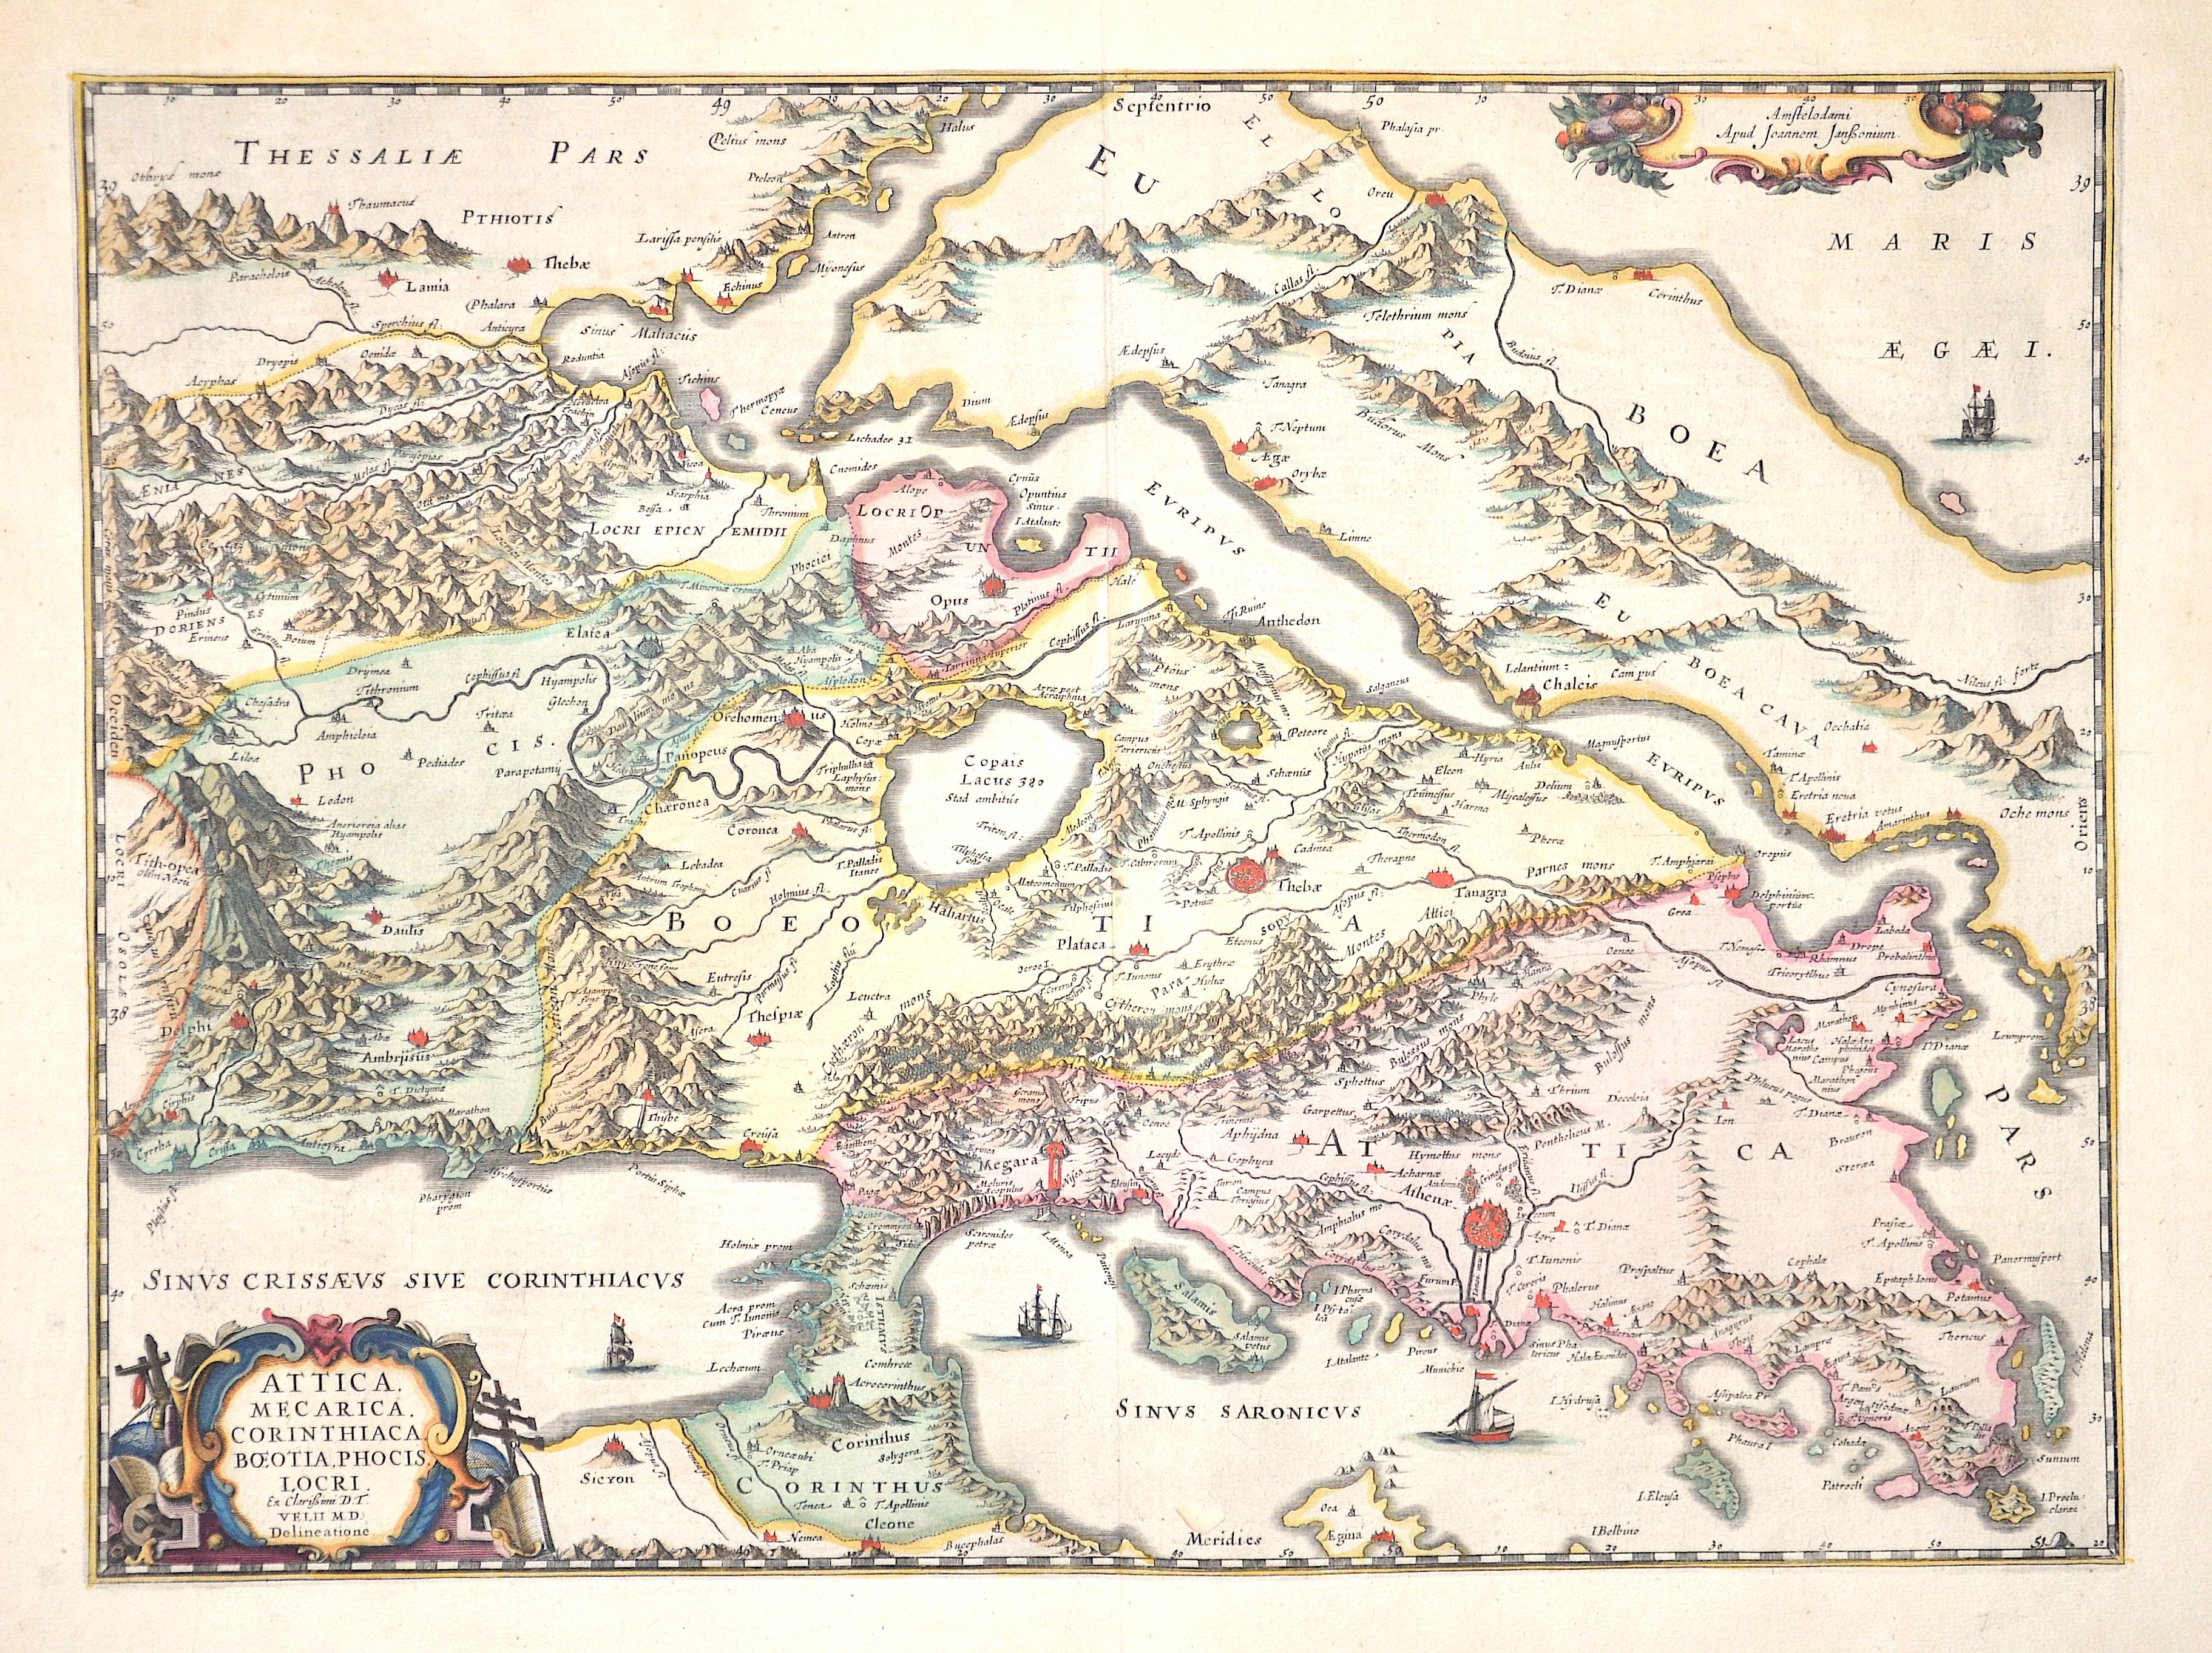 Janssonius Johann Attica, Mecarica Corinthiaca, Boeotia, Phocis, Locri.